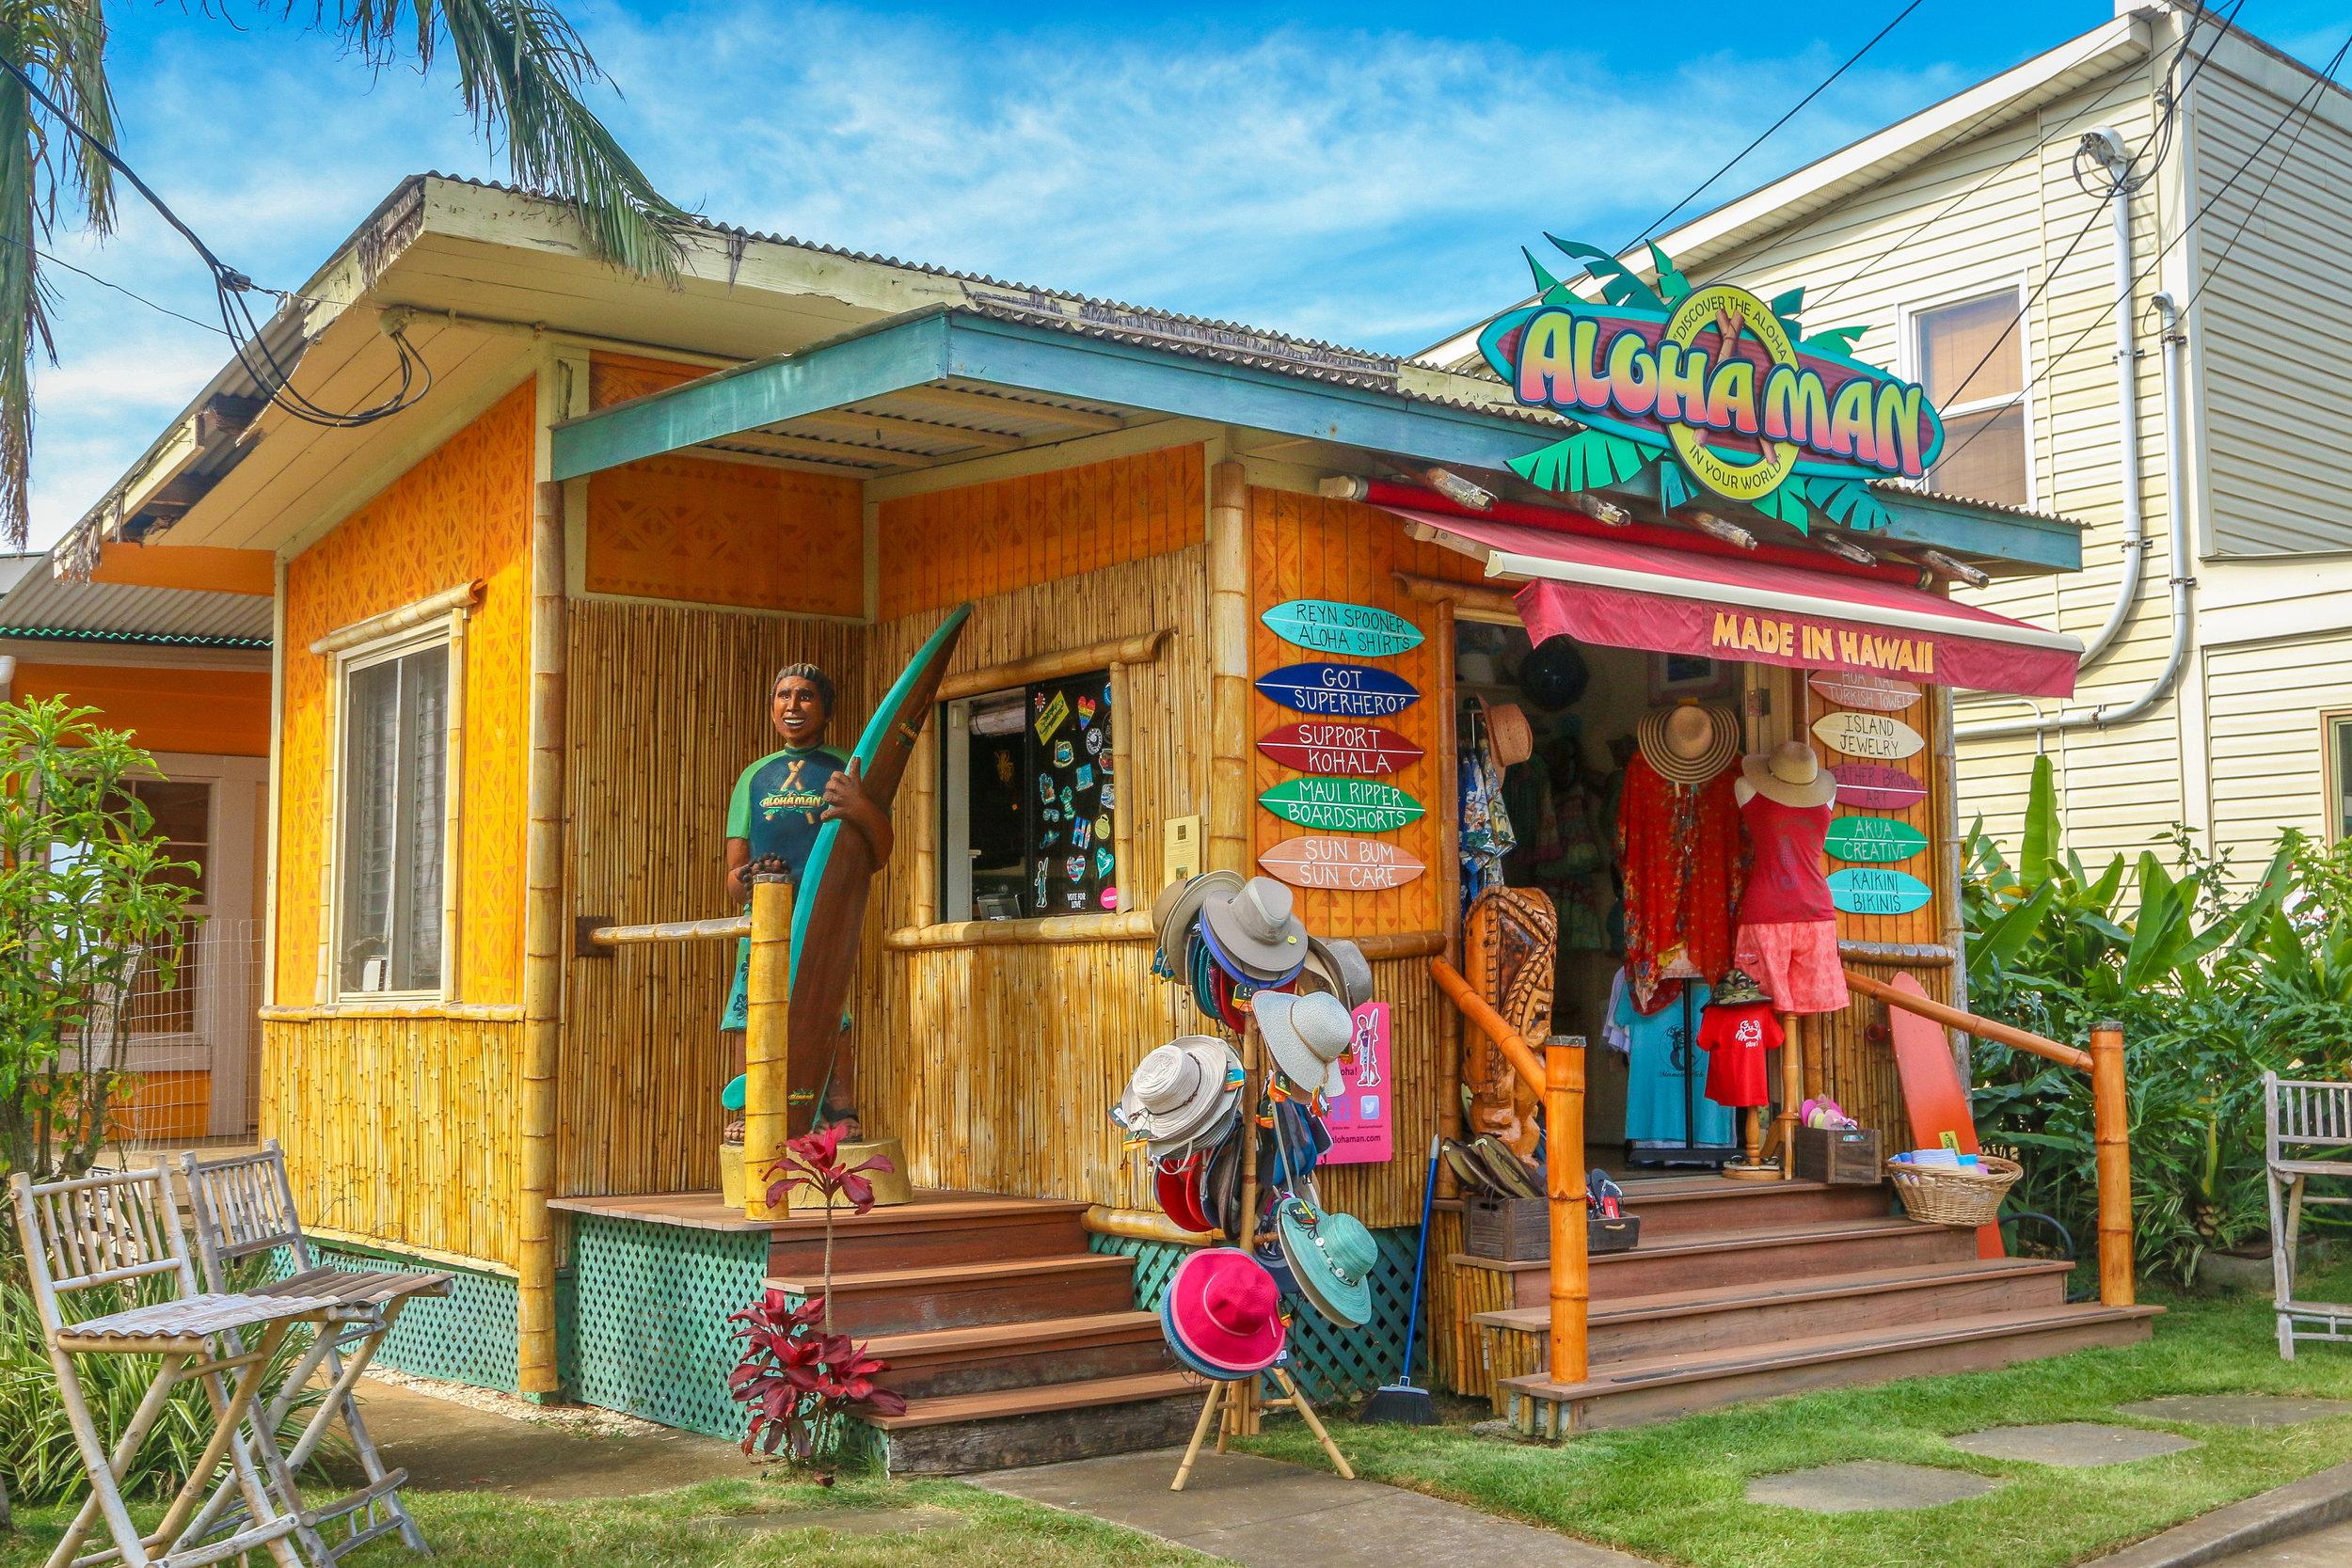 Hawaii HI Big Island Photos Photography